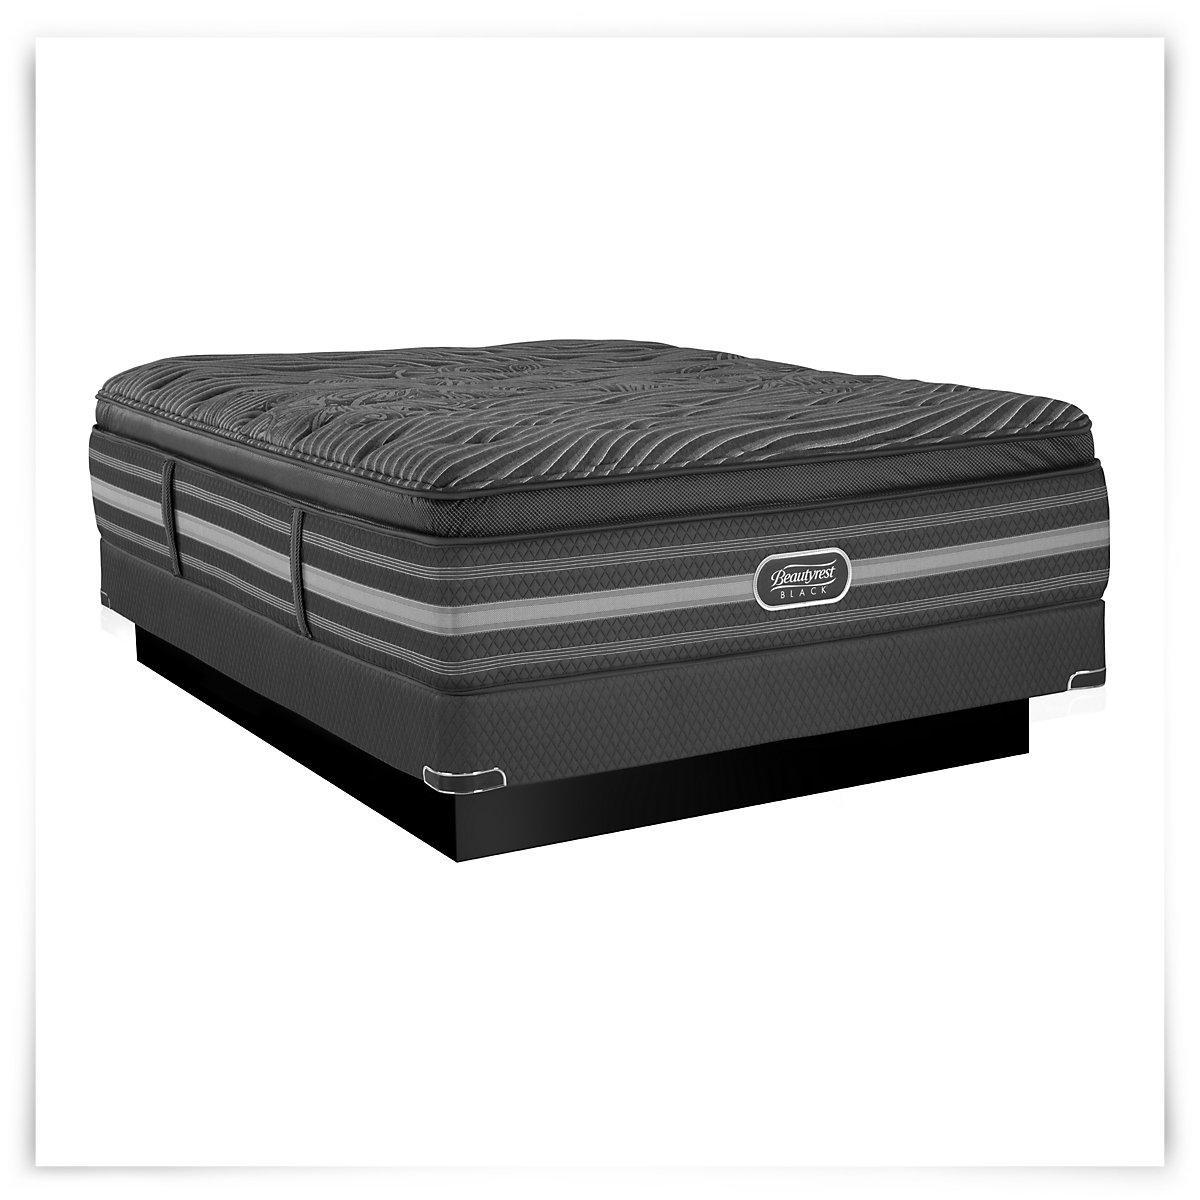 City Furniture Natasha Luxury Plush Innerspring Pillow Top Low Profile Mattress Set